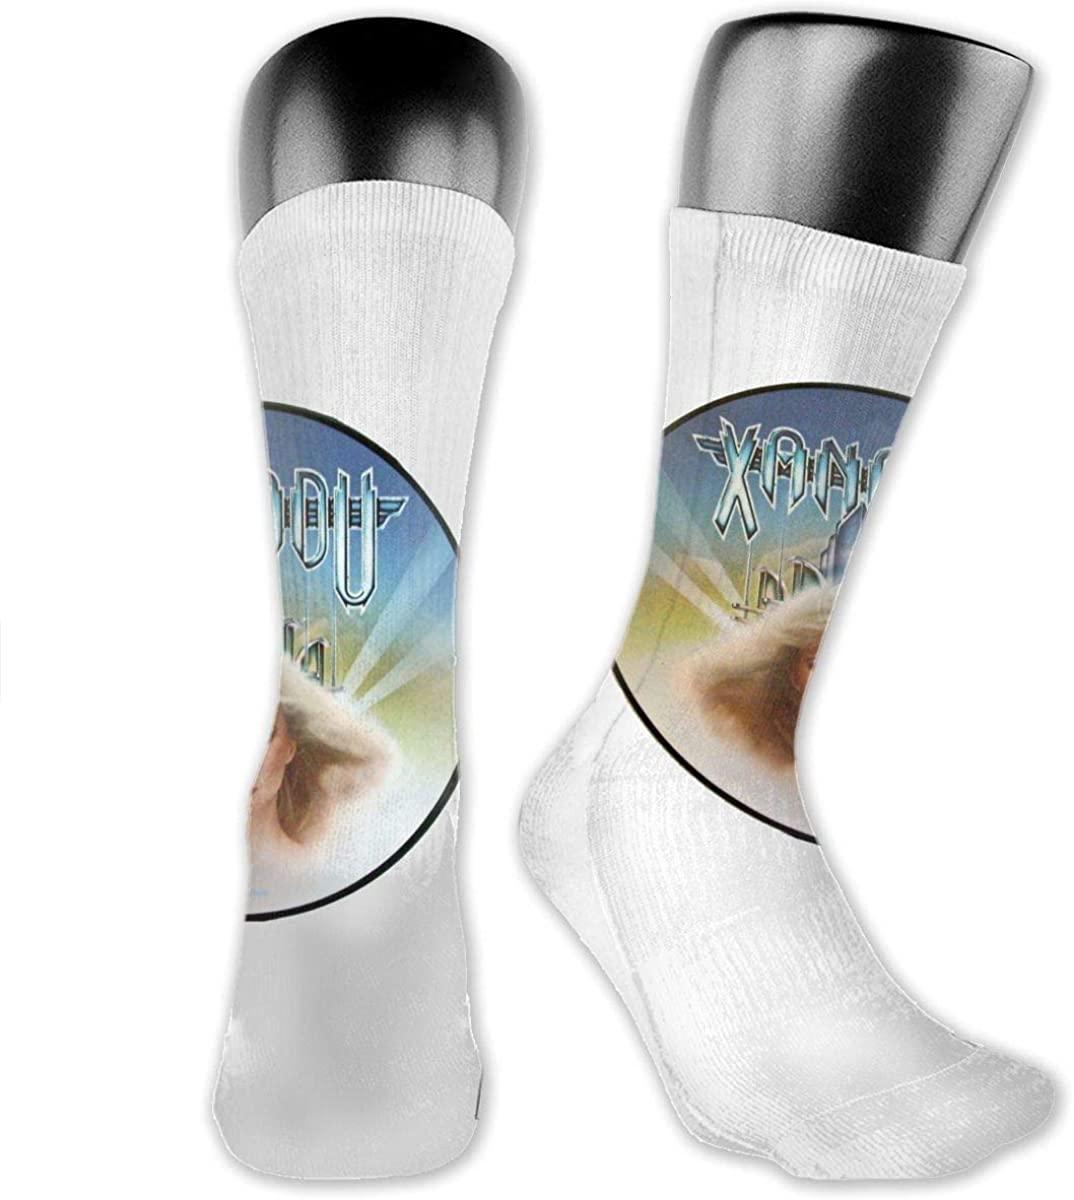 RhteGui Olivia Newton John Xanadu Crew Socks Breathable Athletic Casual Socks for Unisex